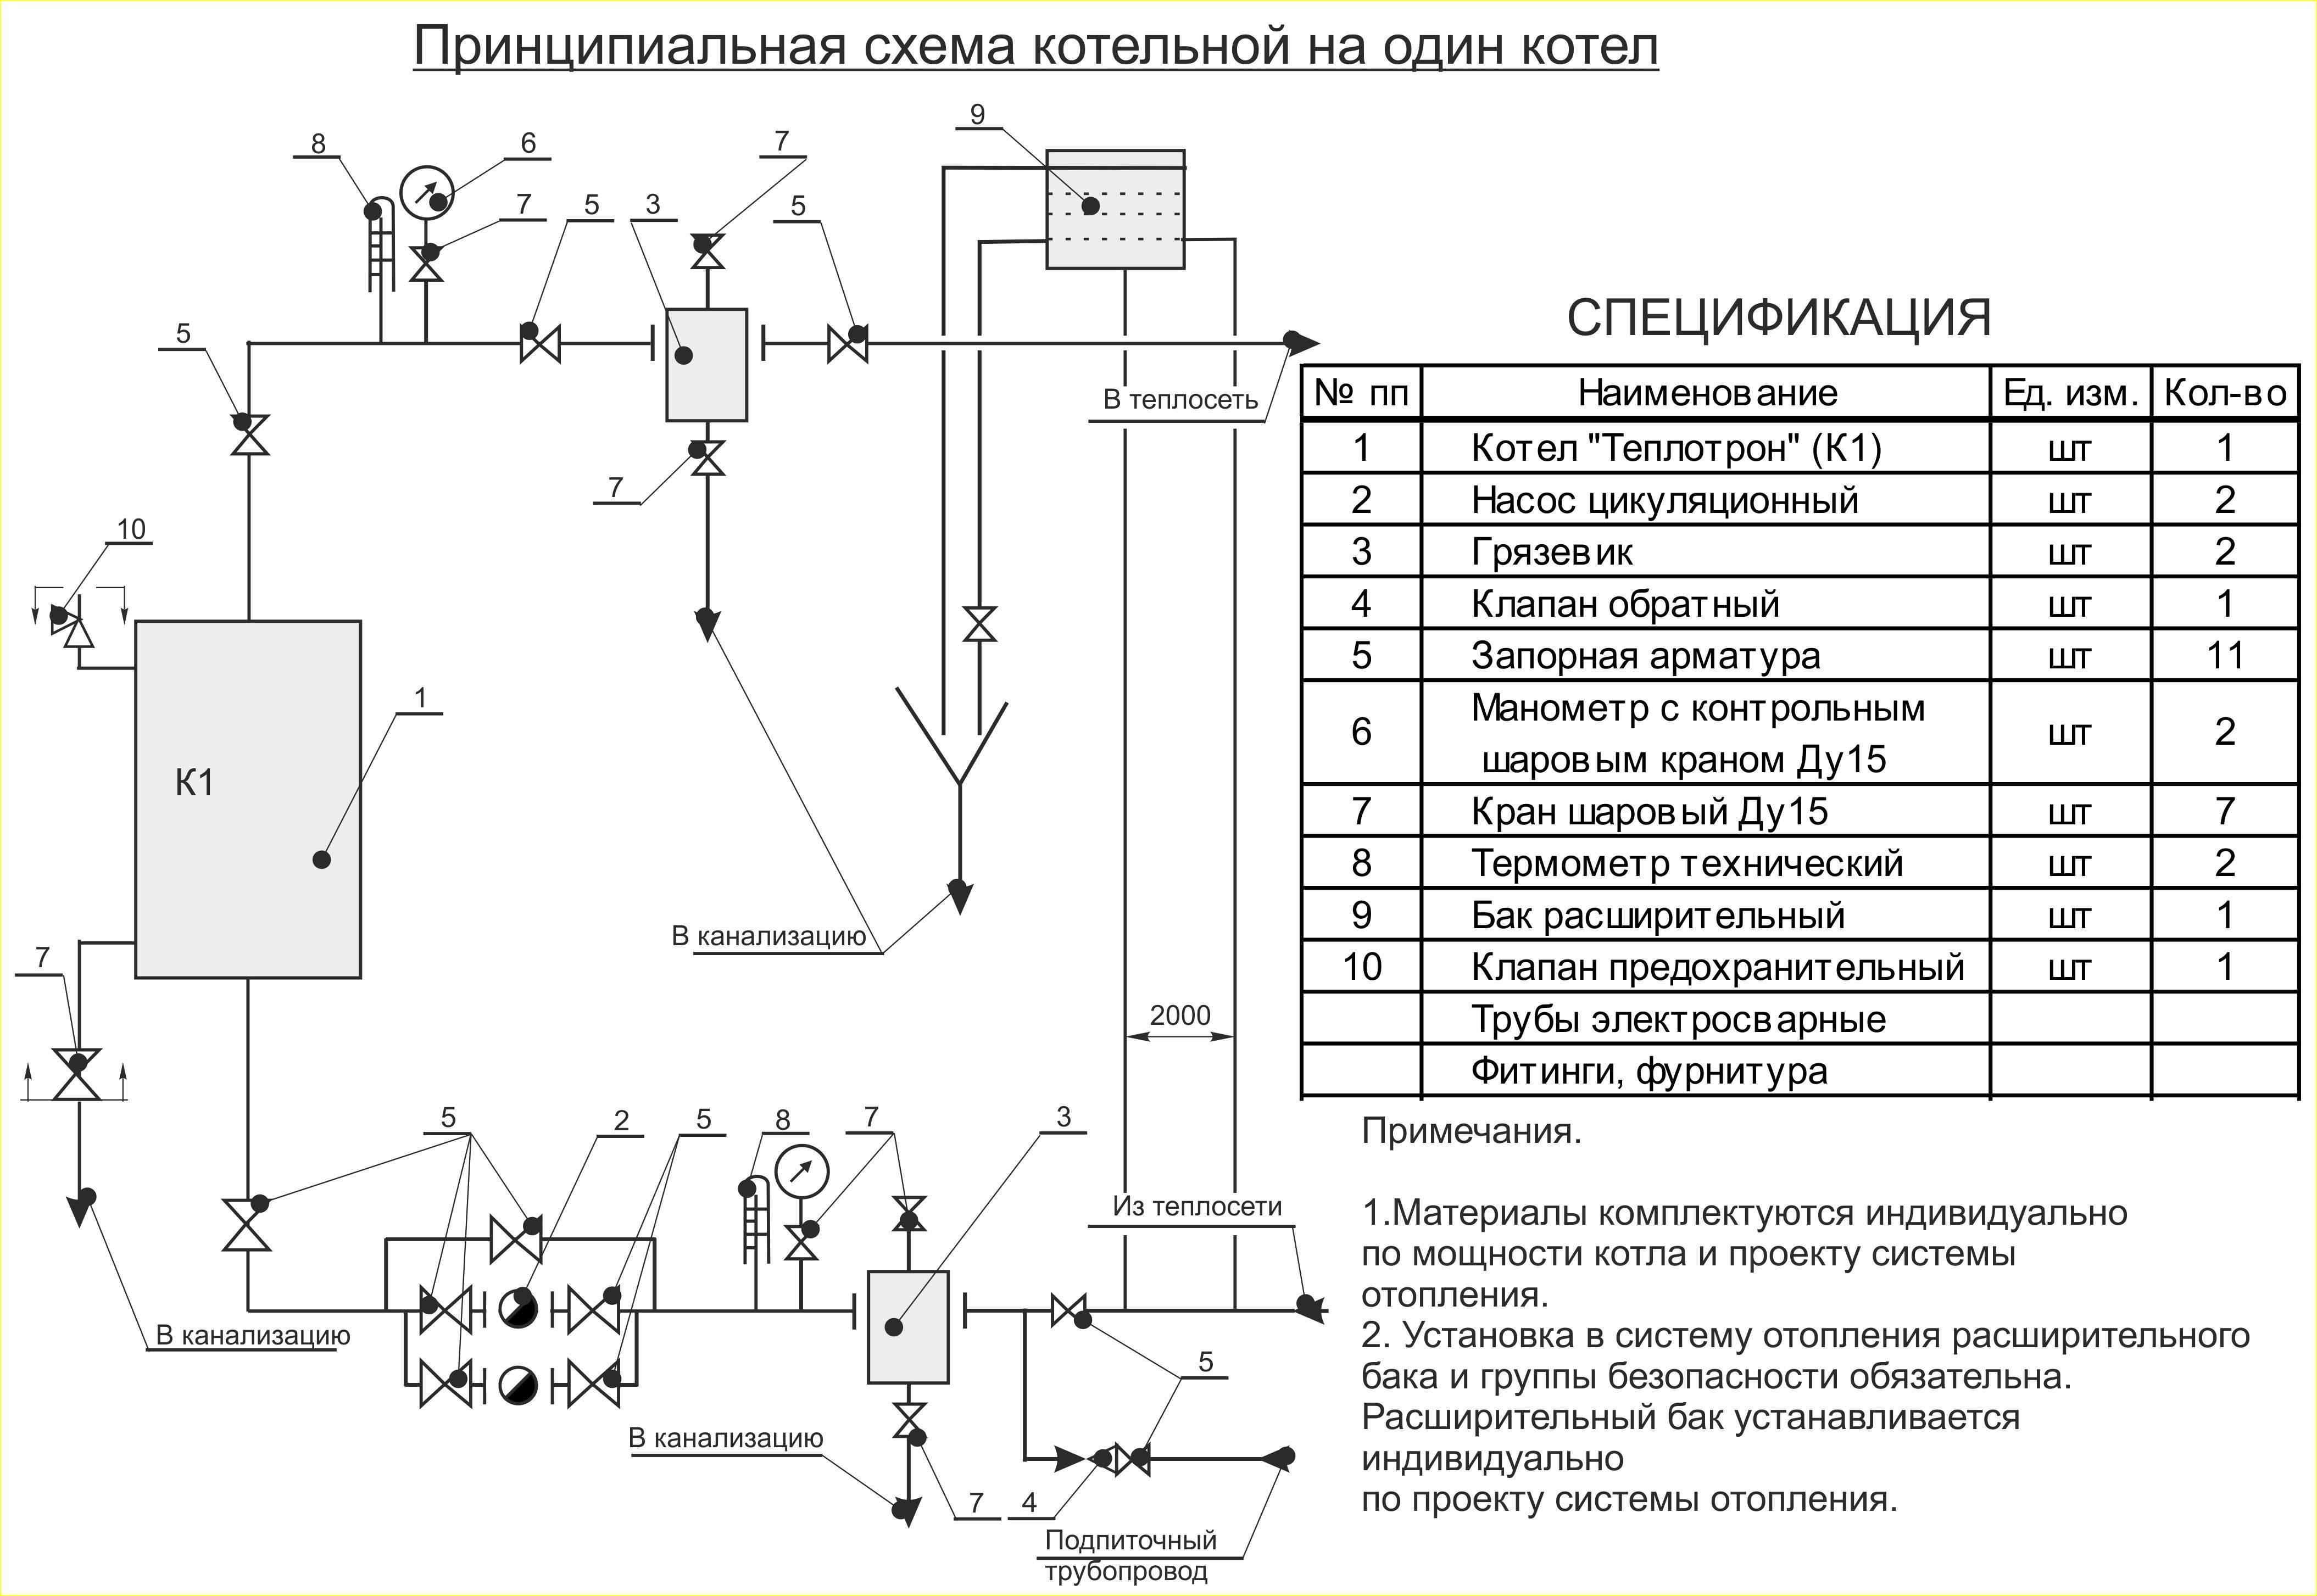 Дизельный котел отопления: принцип работы и особенности